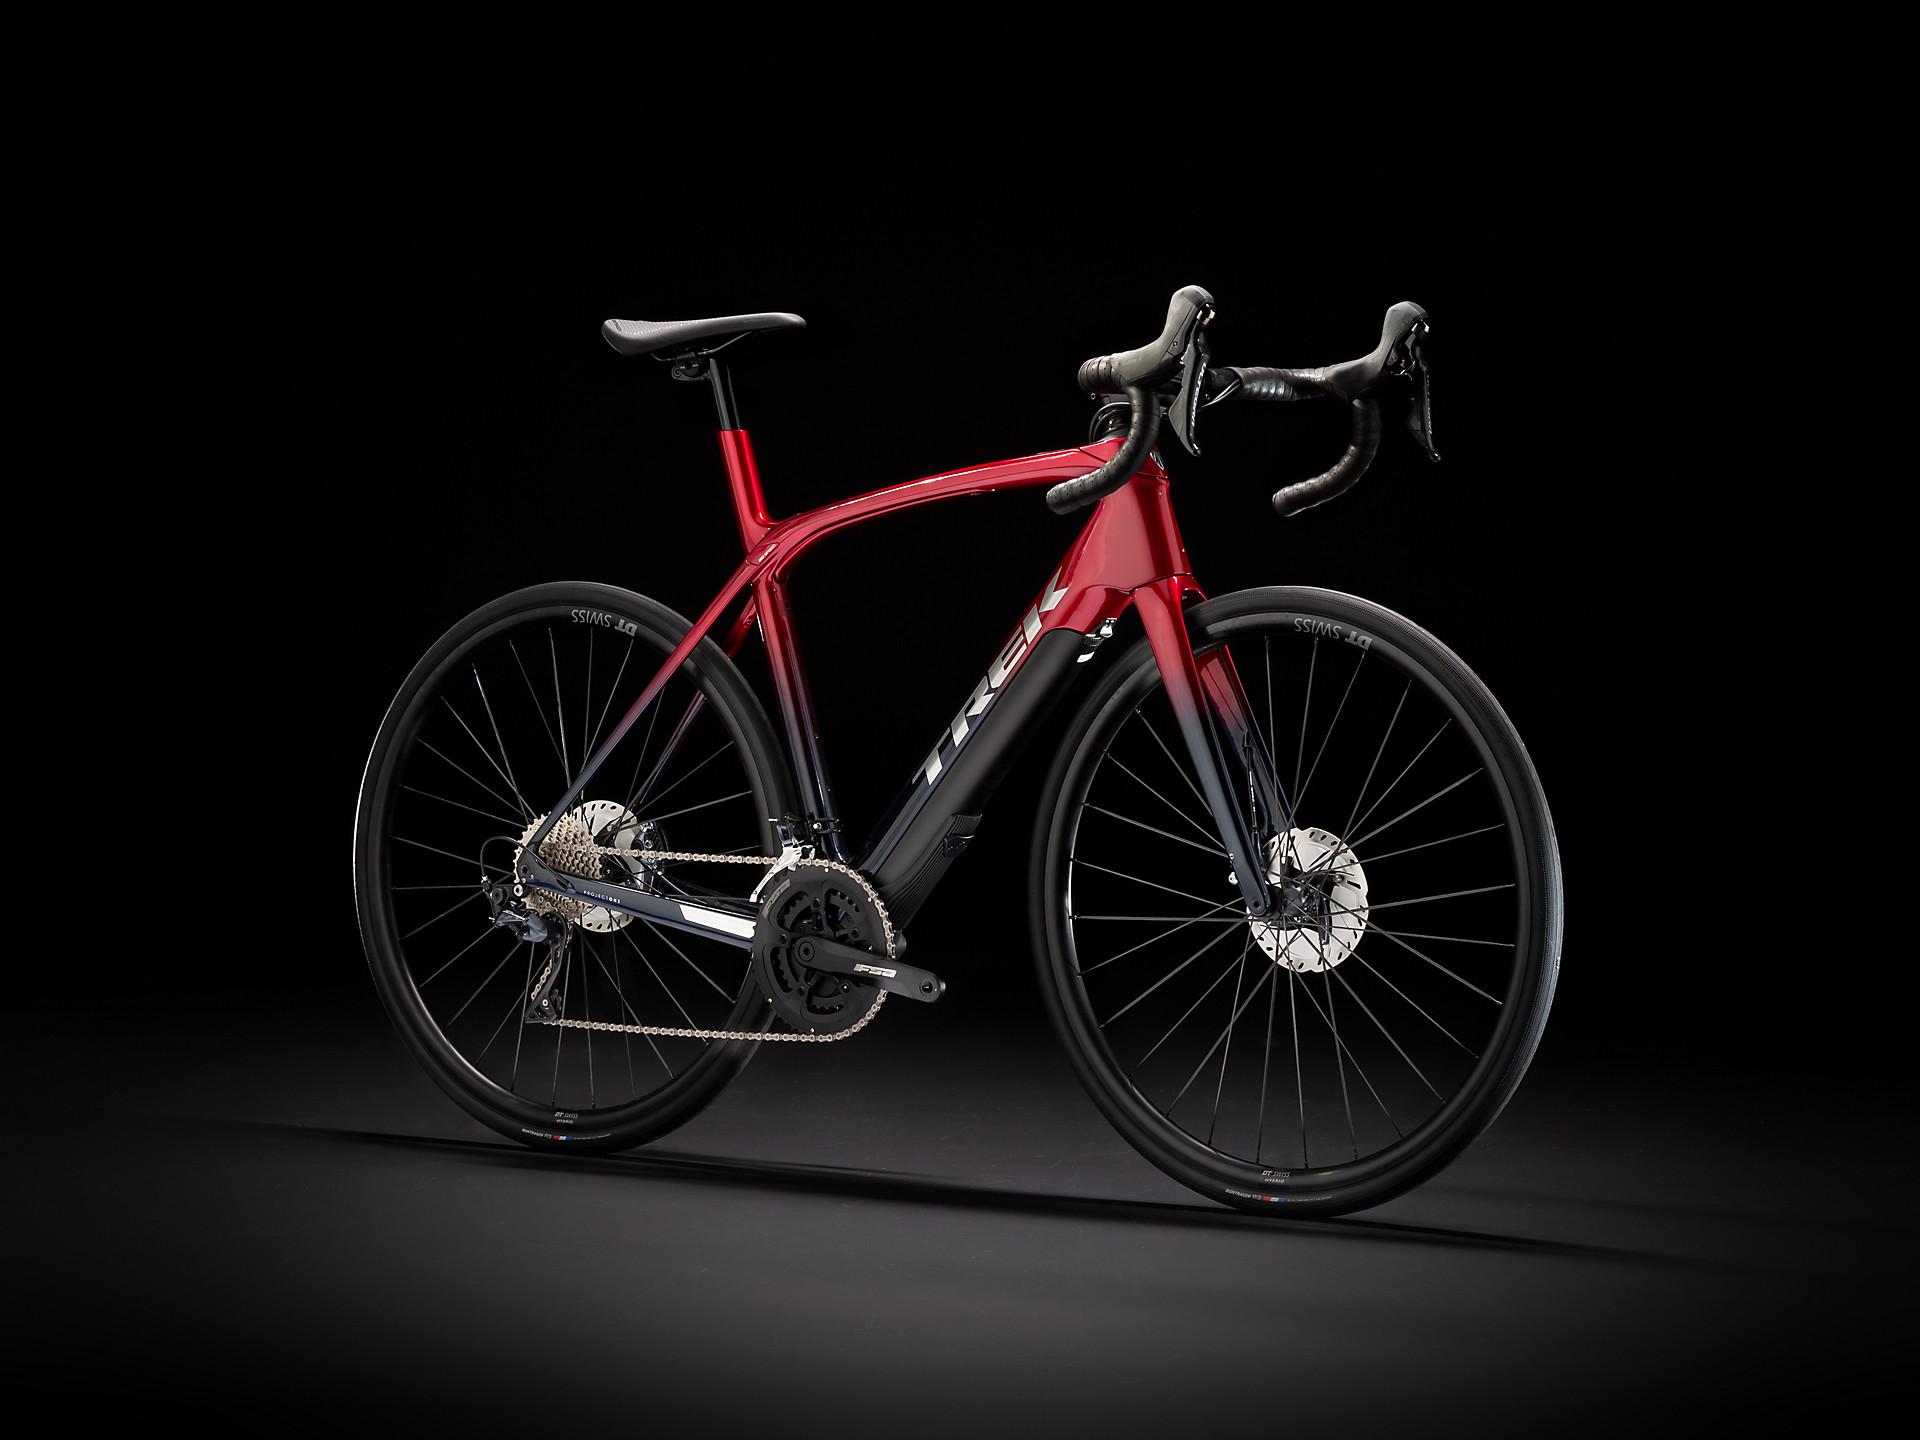 Trek Domain + LT E-bike